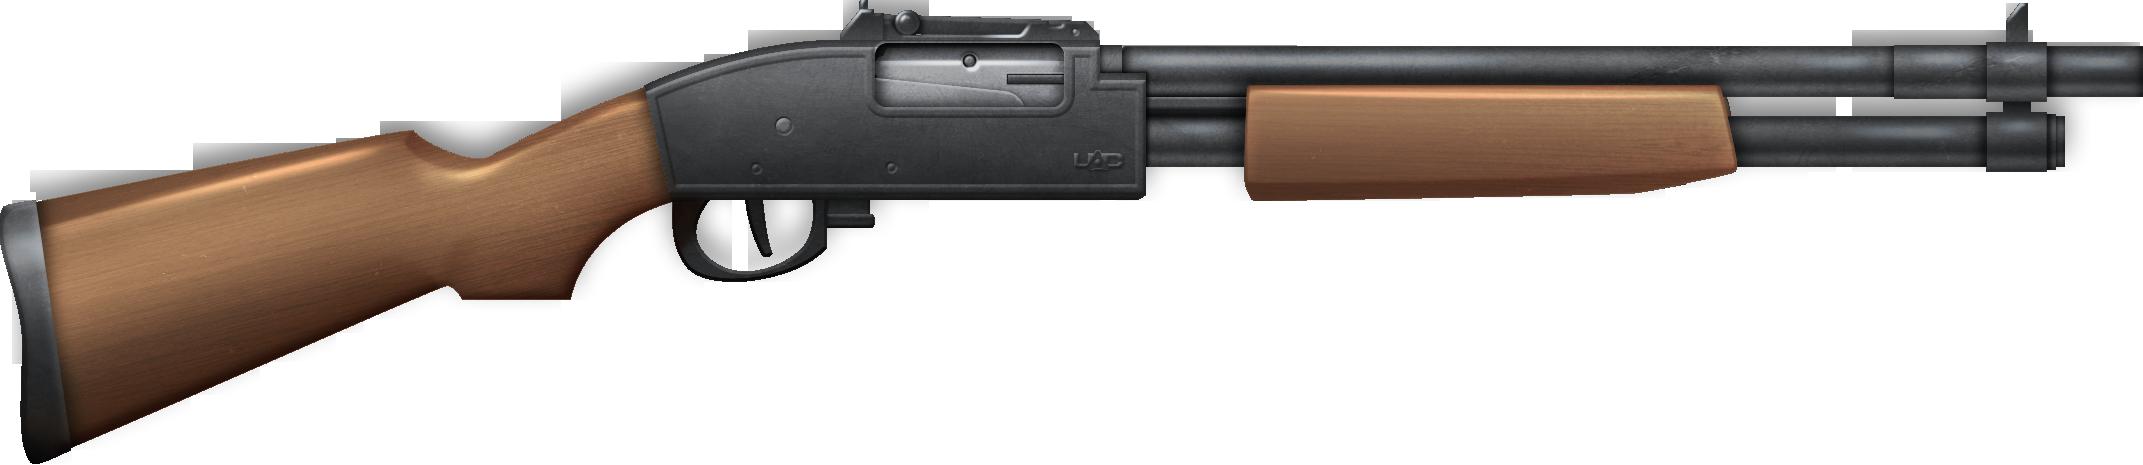 Big Guns PNG-PlusPNG.com-2143 - Big Guns PNG